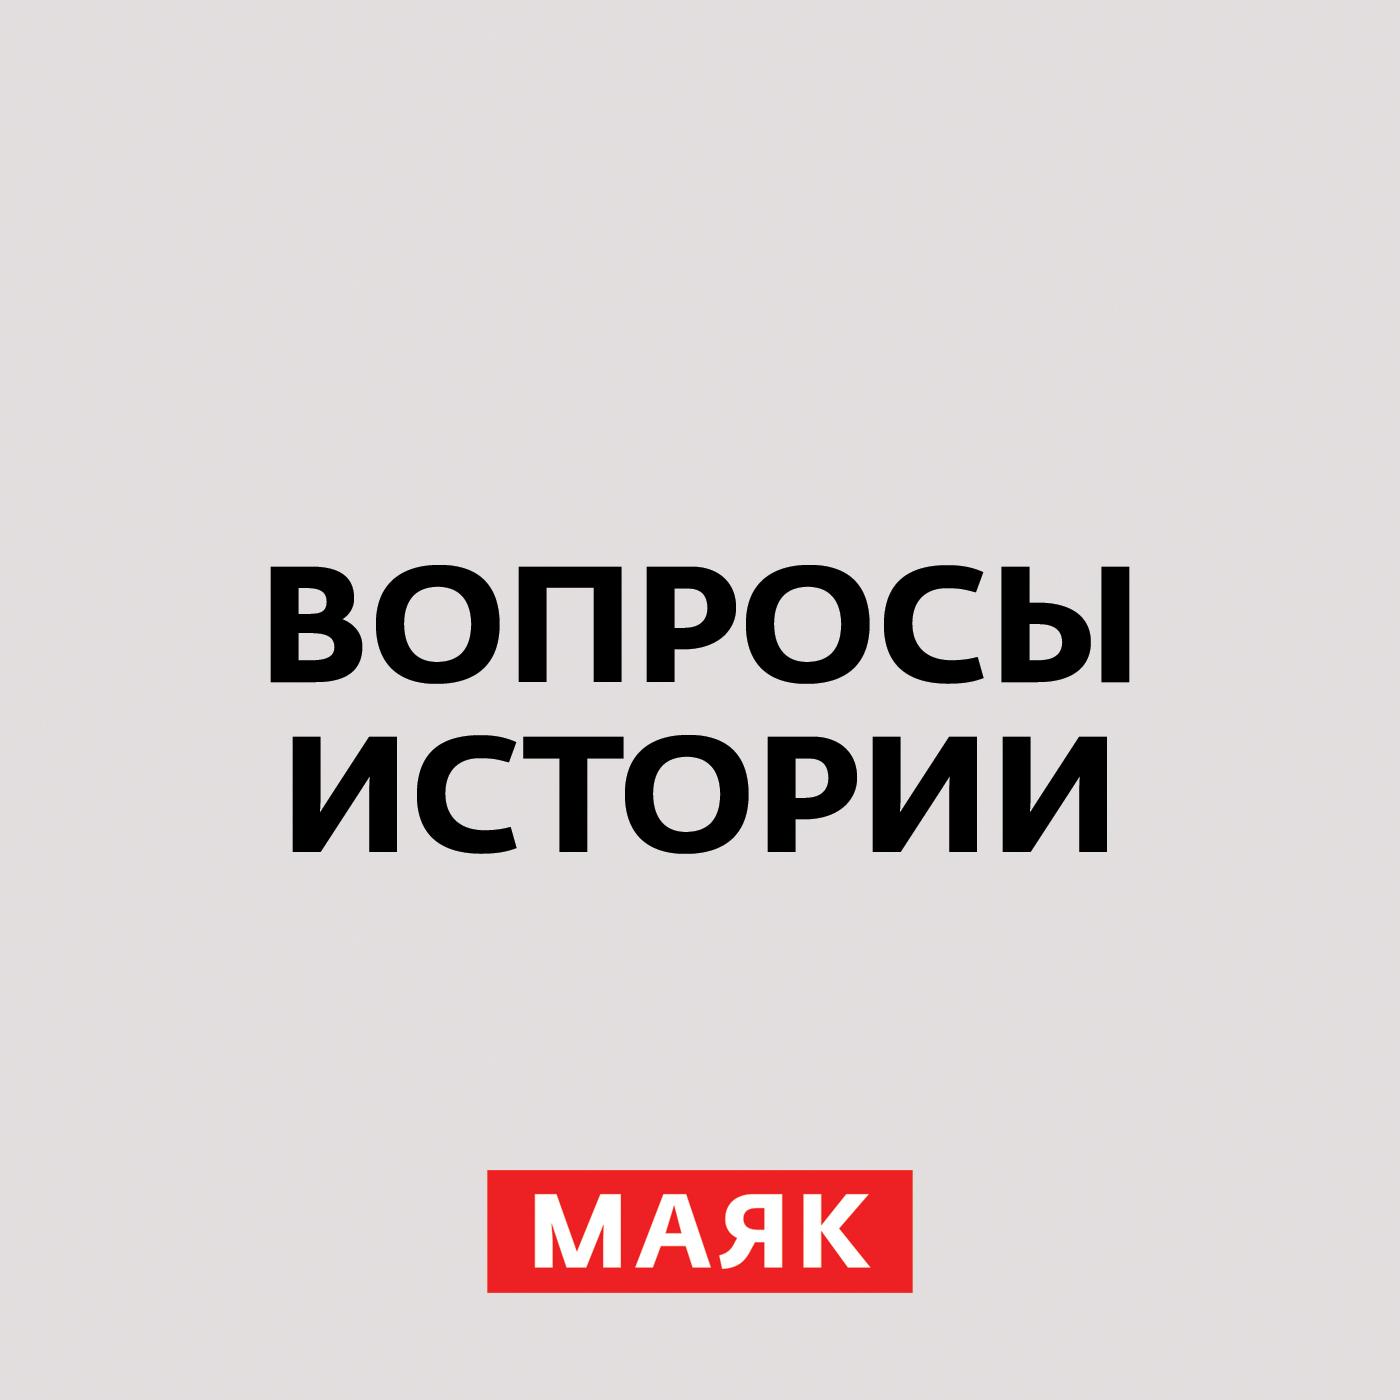 Андрей Светенко При Сталине не было бы никакого фестиваля молодежи и студентов андрей вадимович новиков социальные представления молодежи об эффективности антитеррористической политики российской федерации